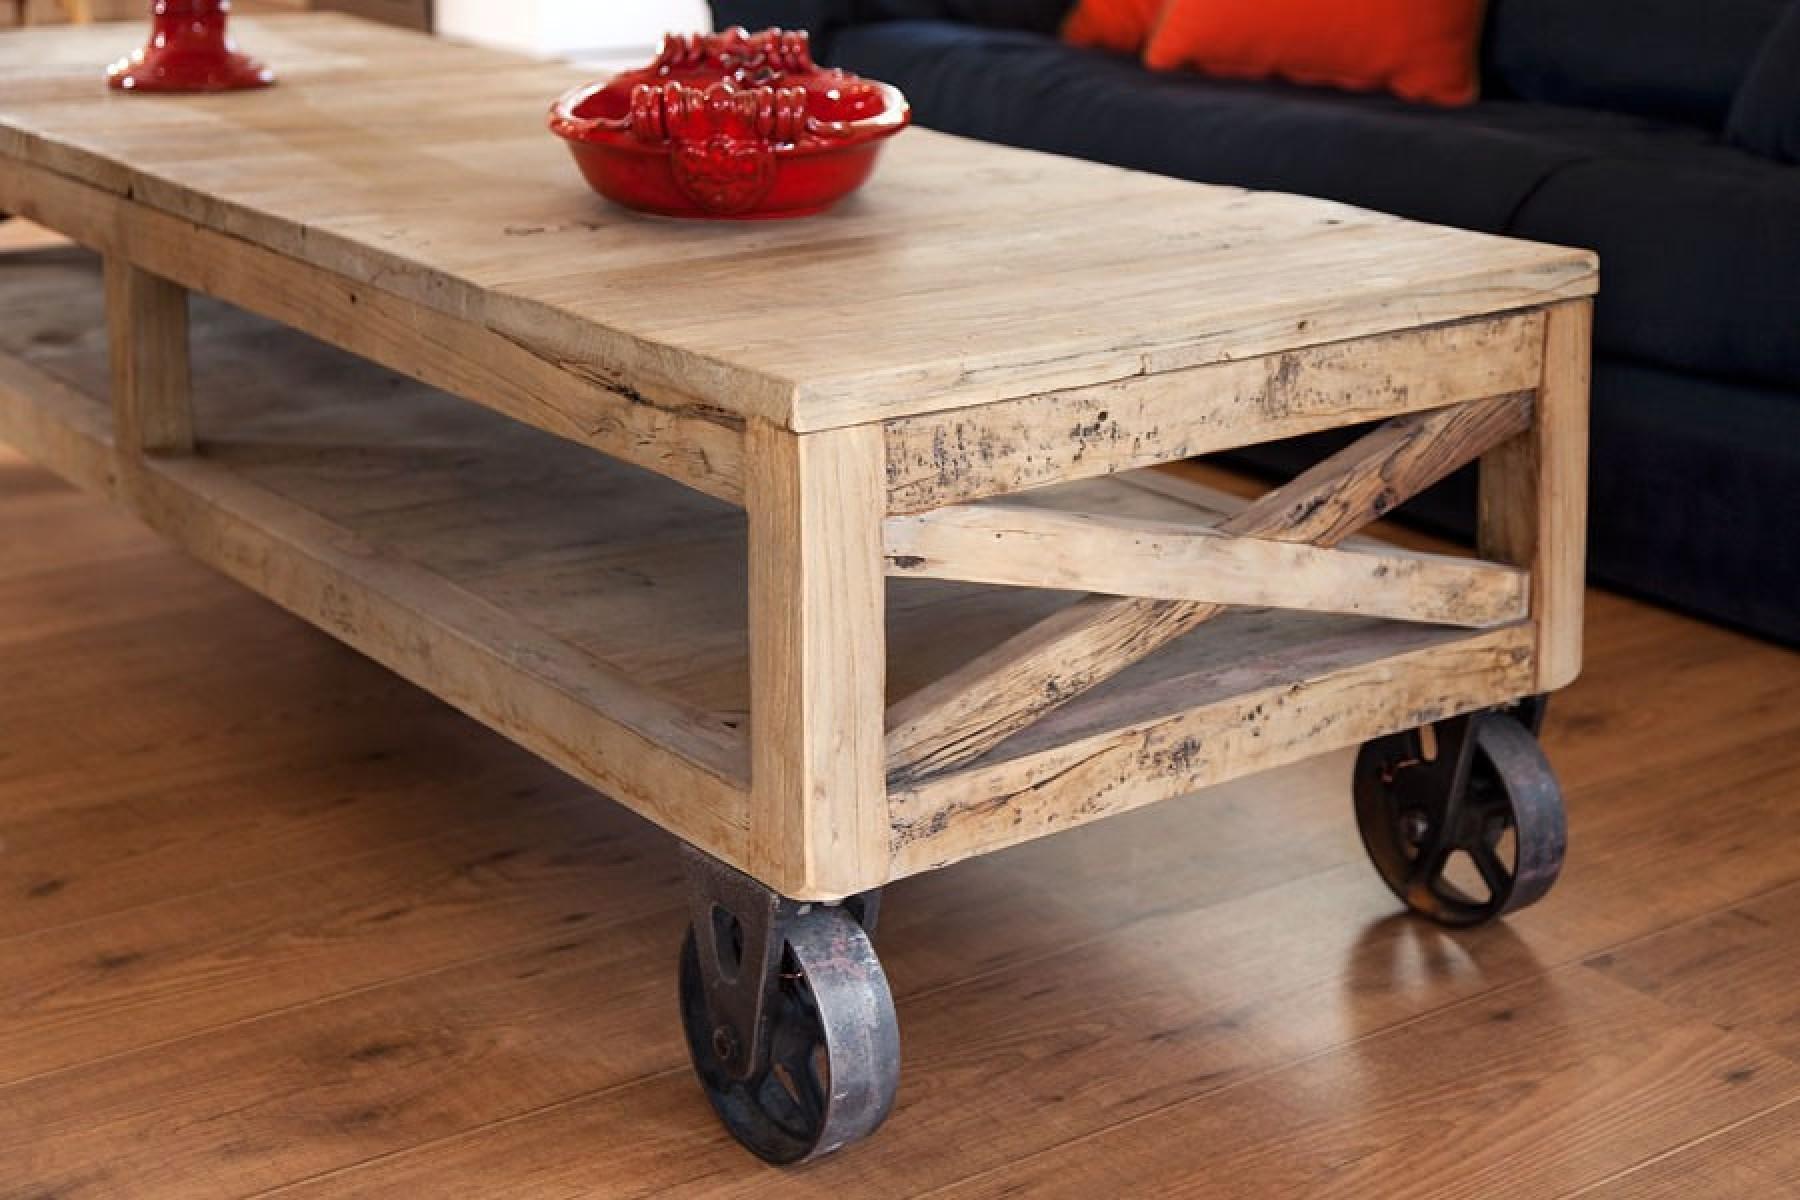 שולחן סלון על גלגלים, עץ אלון. כלי קרמיקה טוסקני